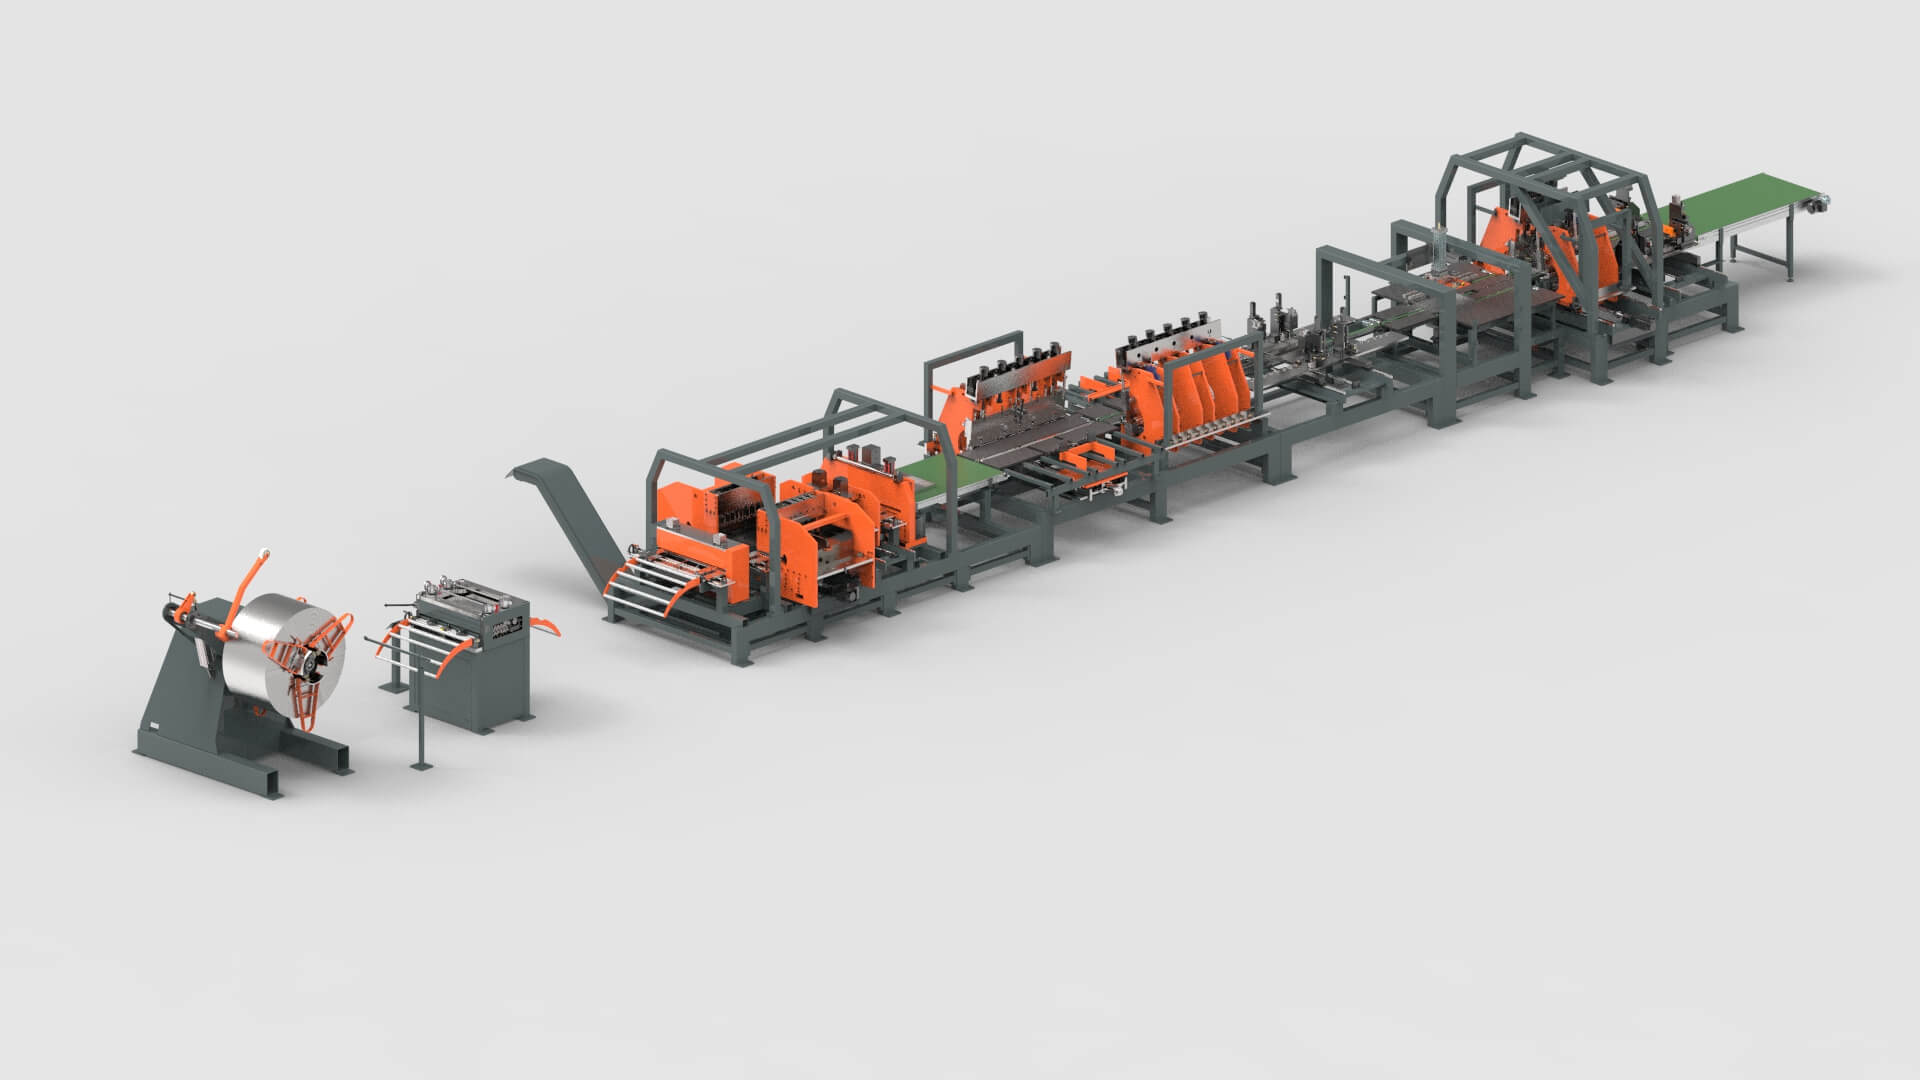 led-deckenleuchte-blechbearbeitung-stanzen-biegen-clinchen-produktionslinie.jpg